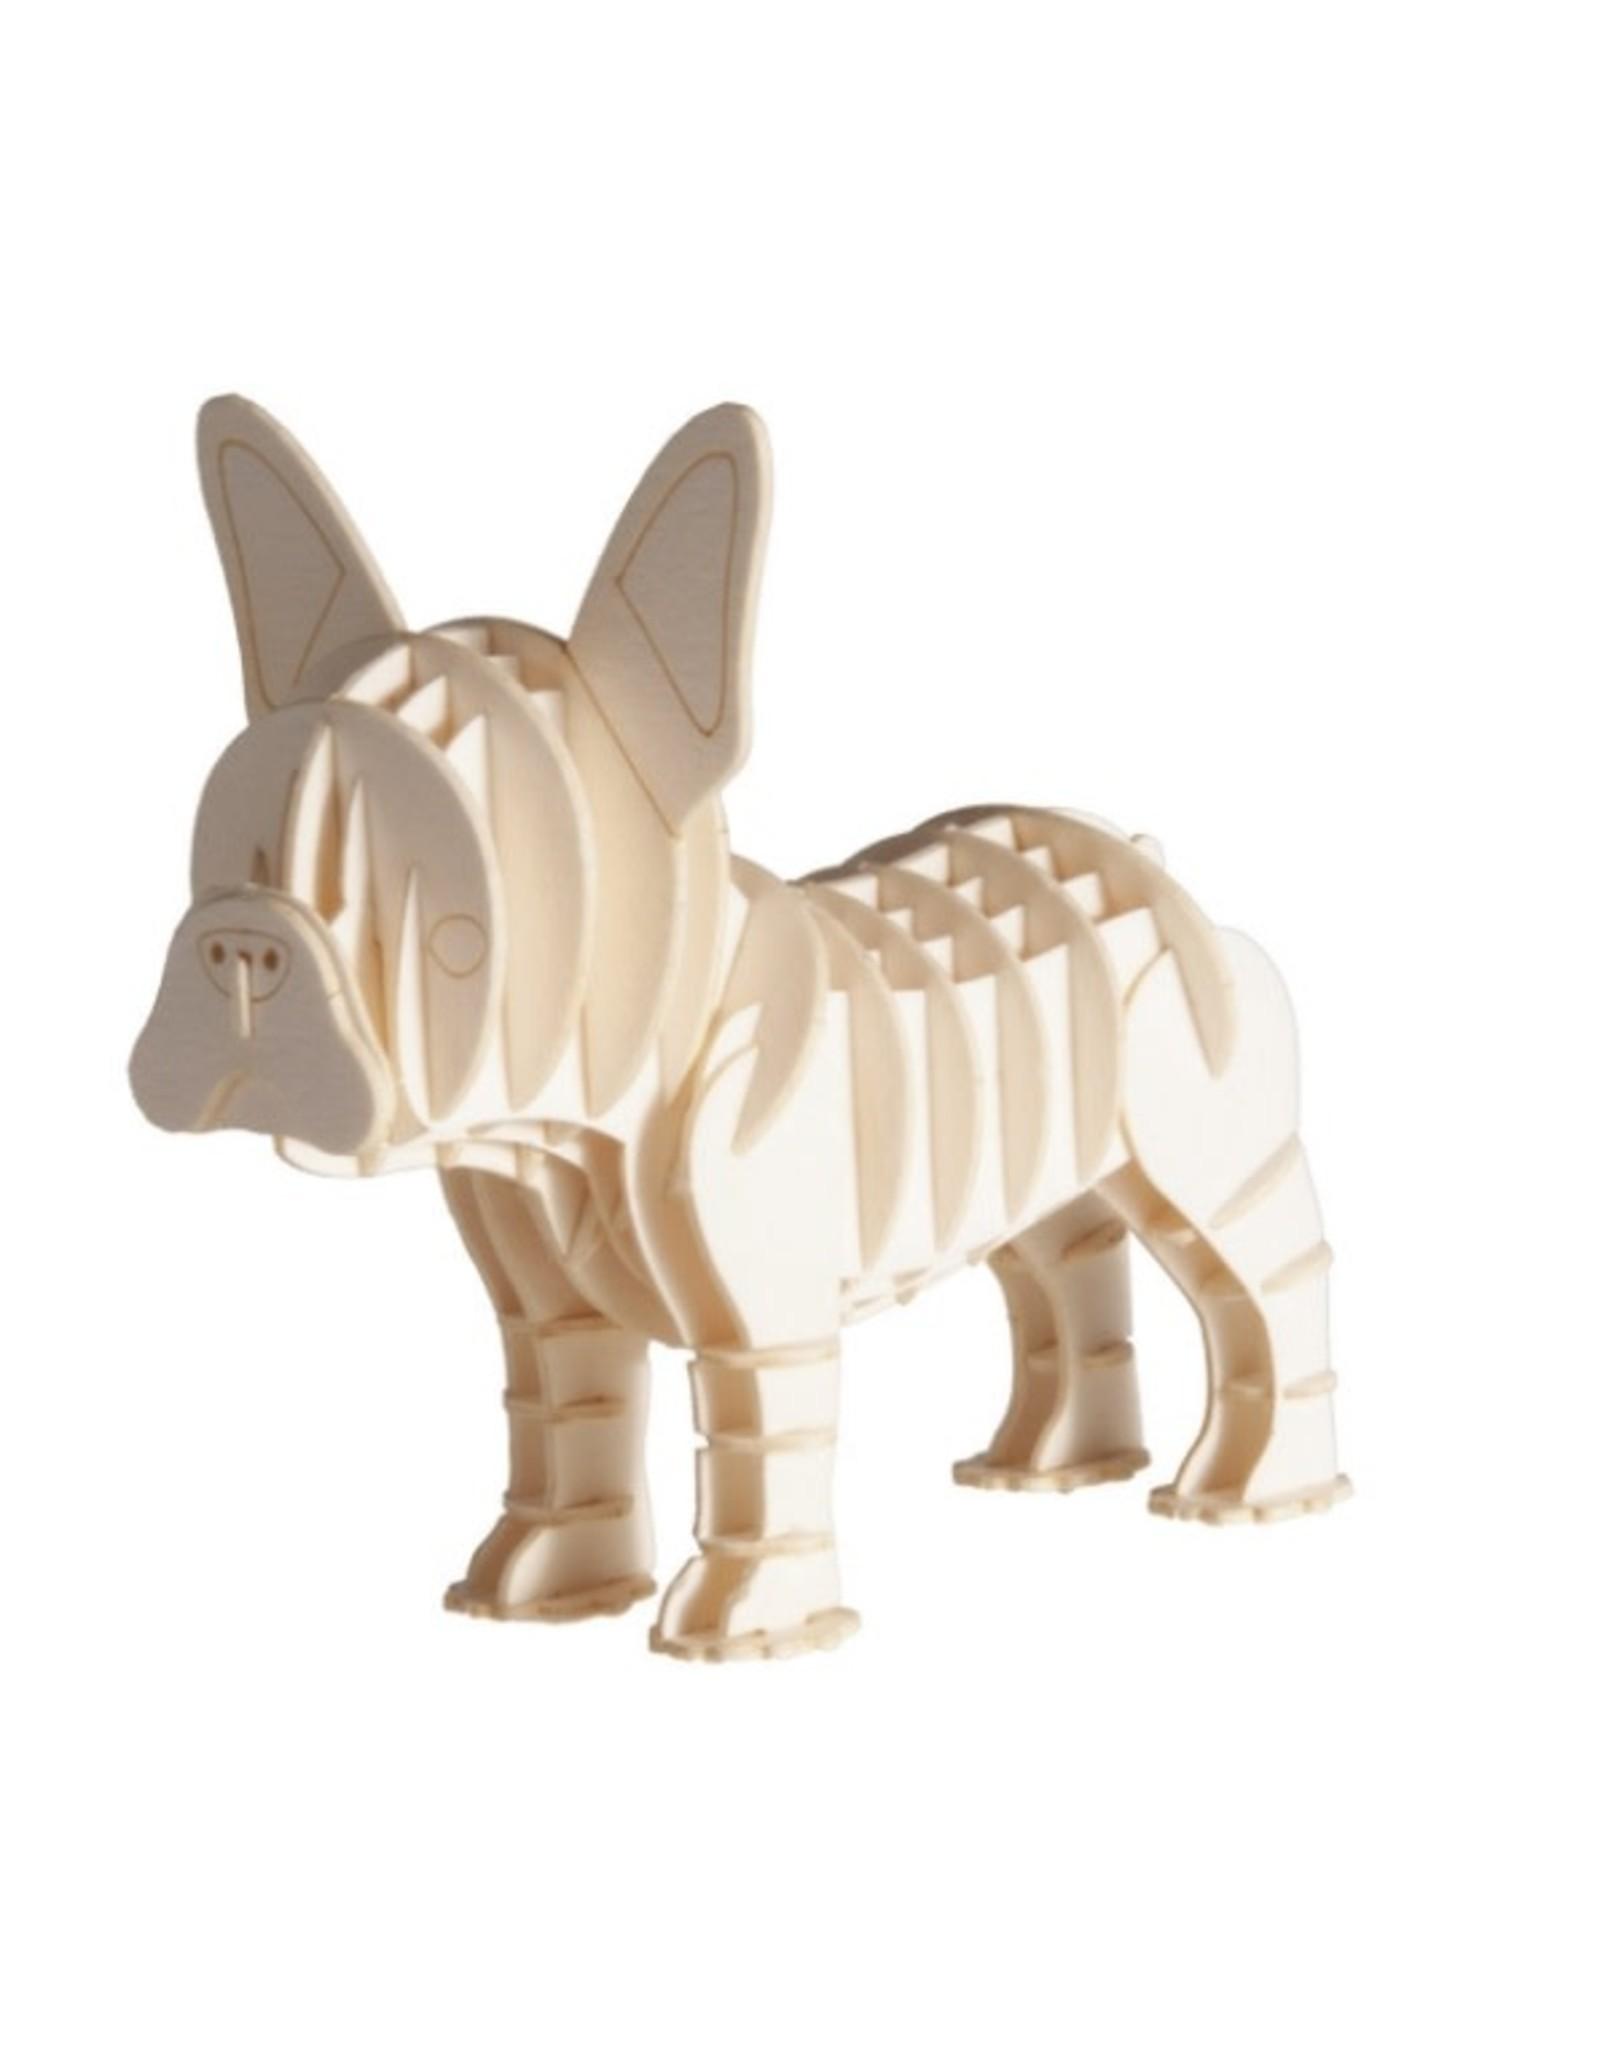 Fridolin Paper Animal Models: Terrestrial Mammals